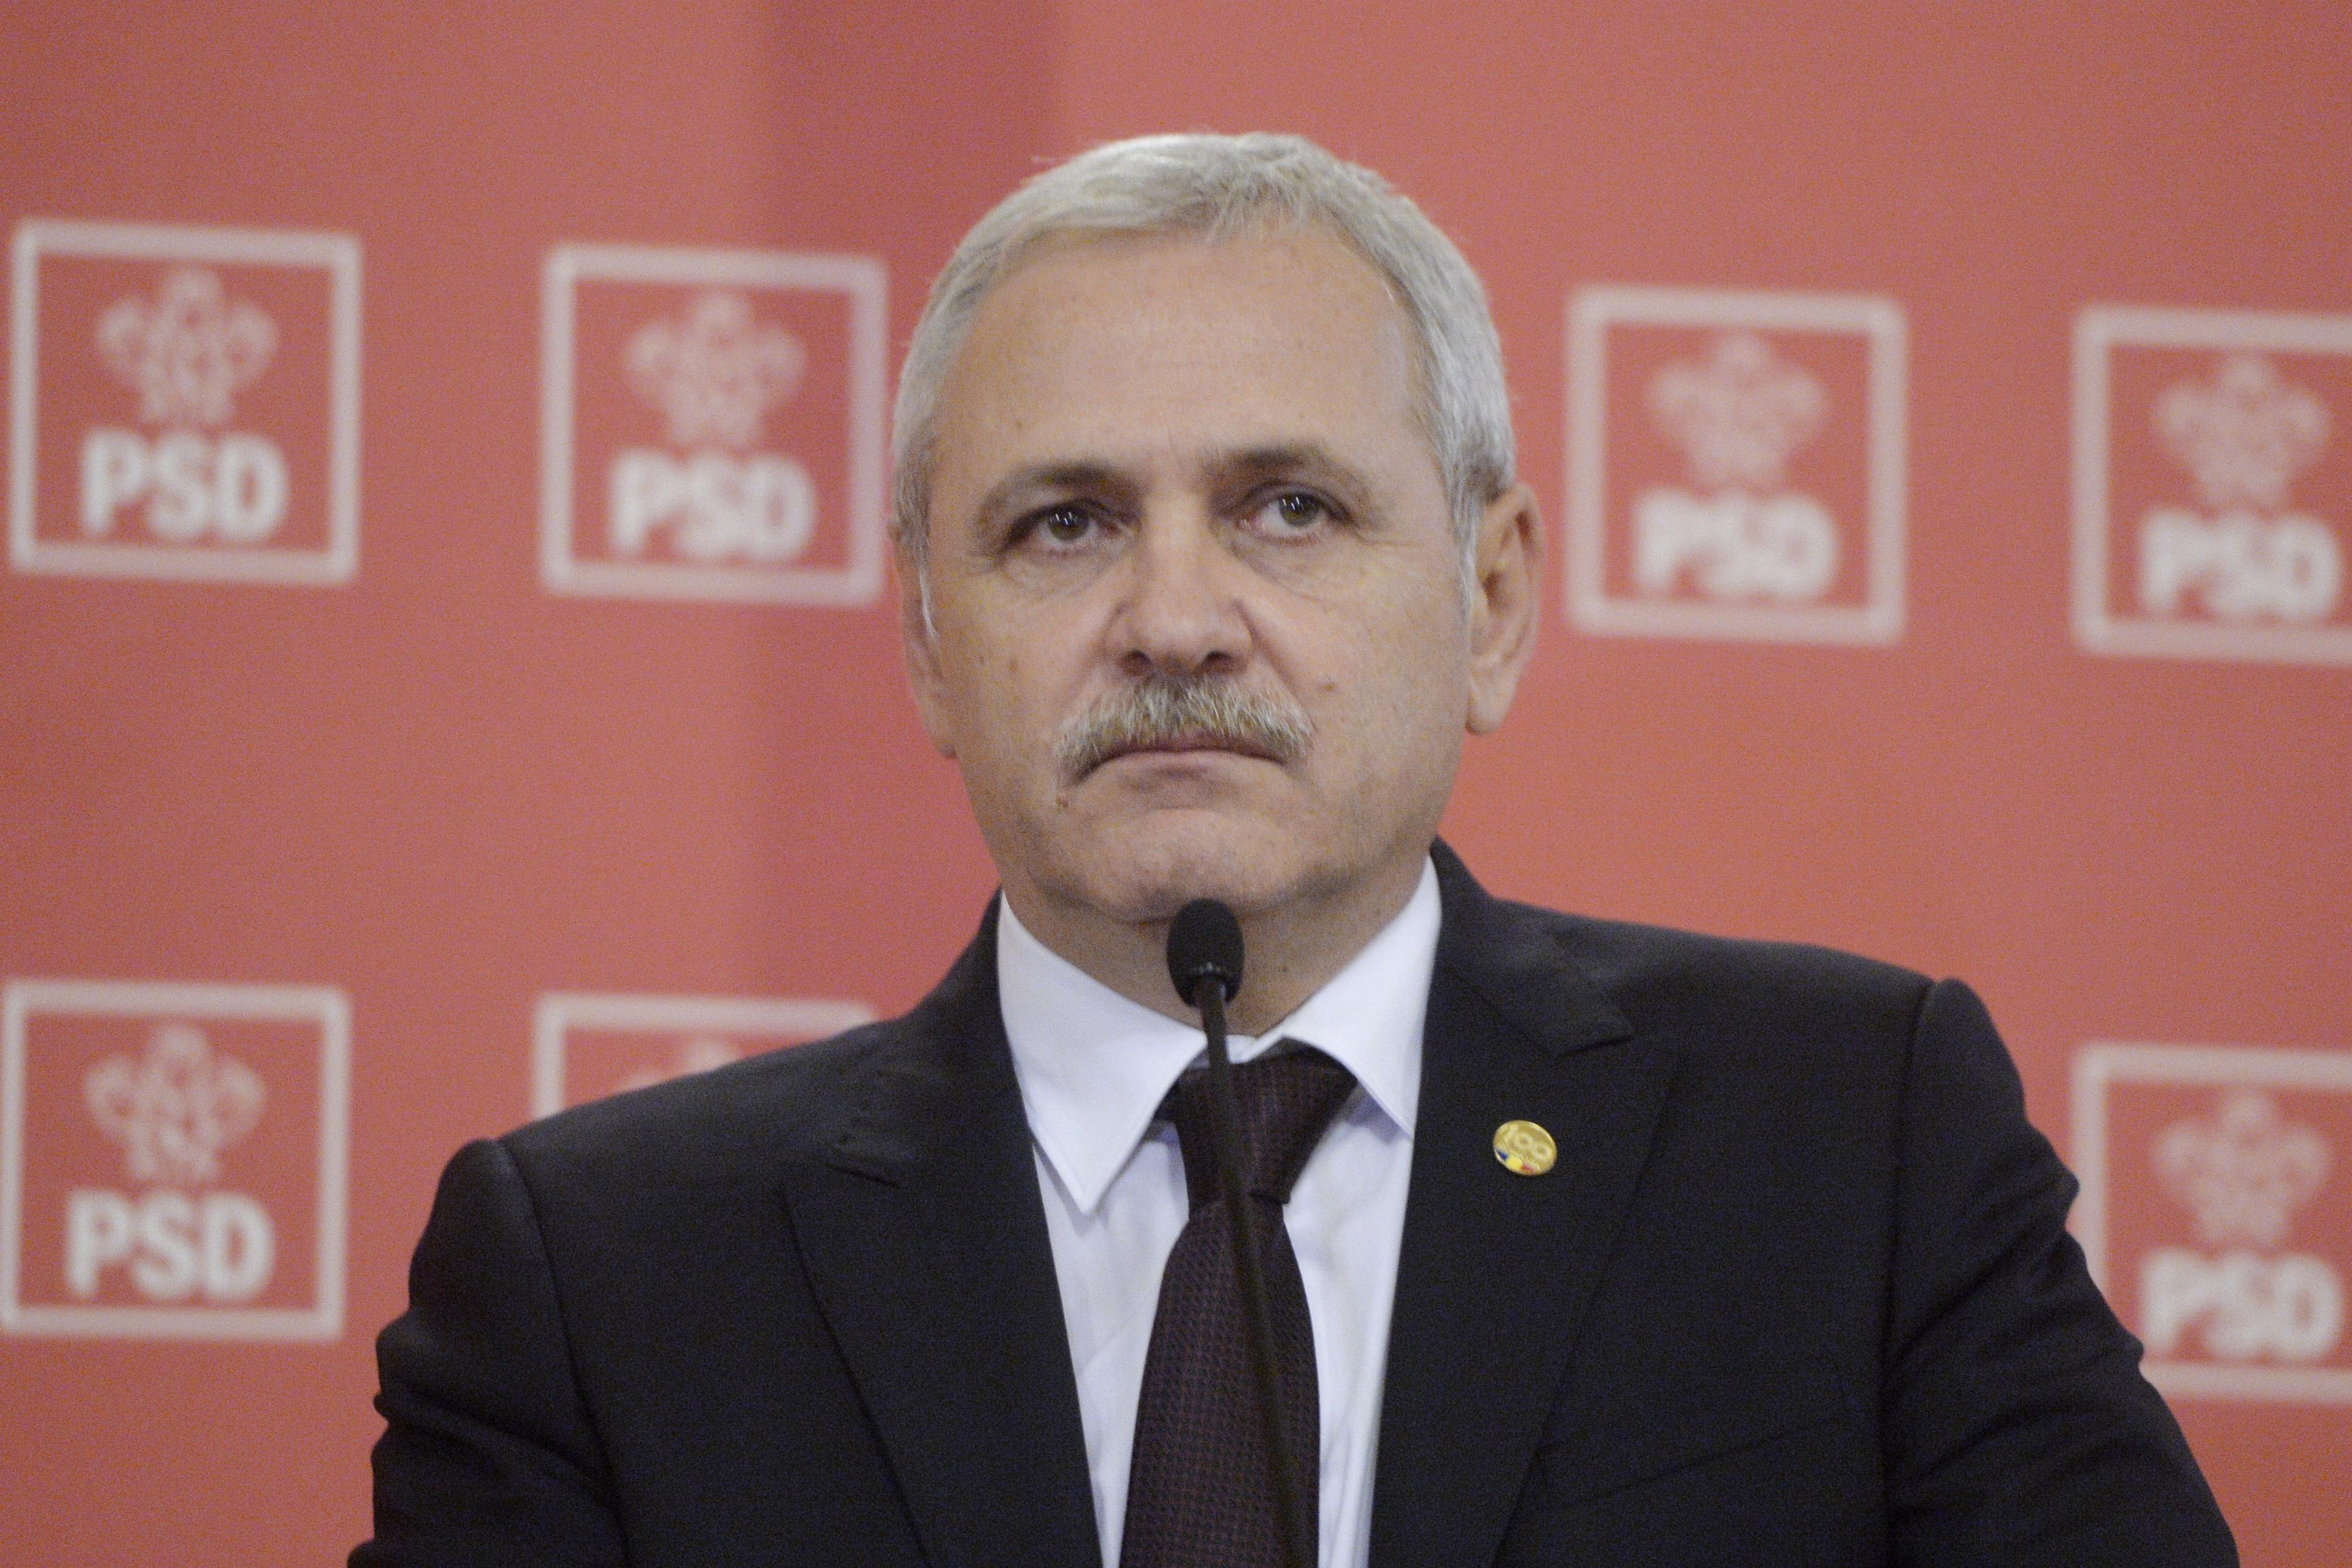 Preşedintele PSD: De astăzi primarii pot folosi 10 miliarde euro, prin Fondul de Dezvoltare şi Investiţii/ Un senator PNL îl acuză pe Dragnea că minte